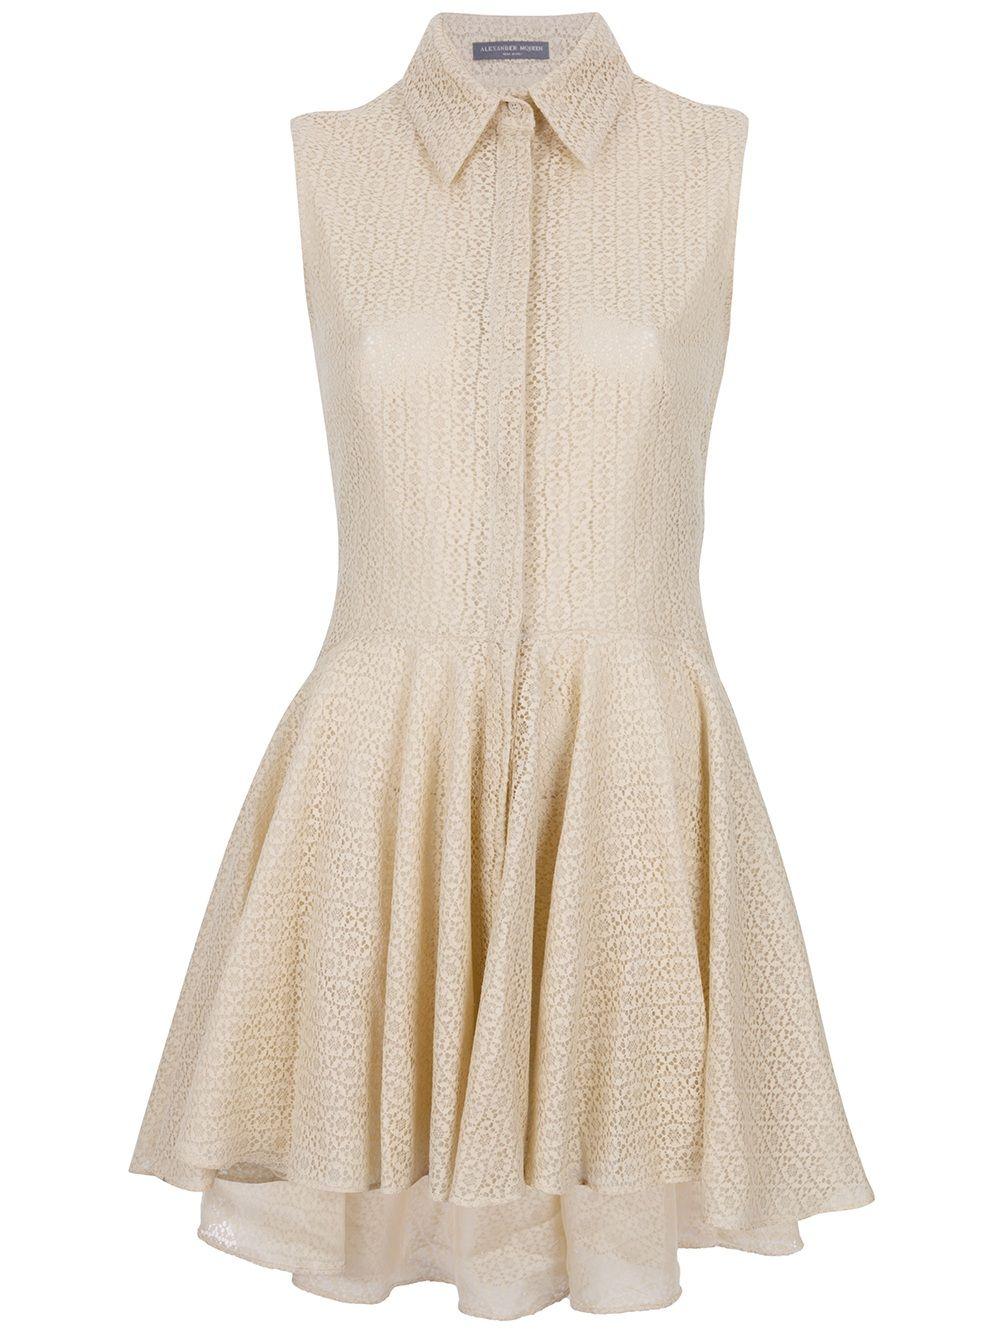 Alexander Mcqueen Lace Blouse Dress | Clothes | Pinterest | Blouse ...